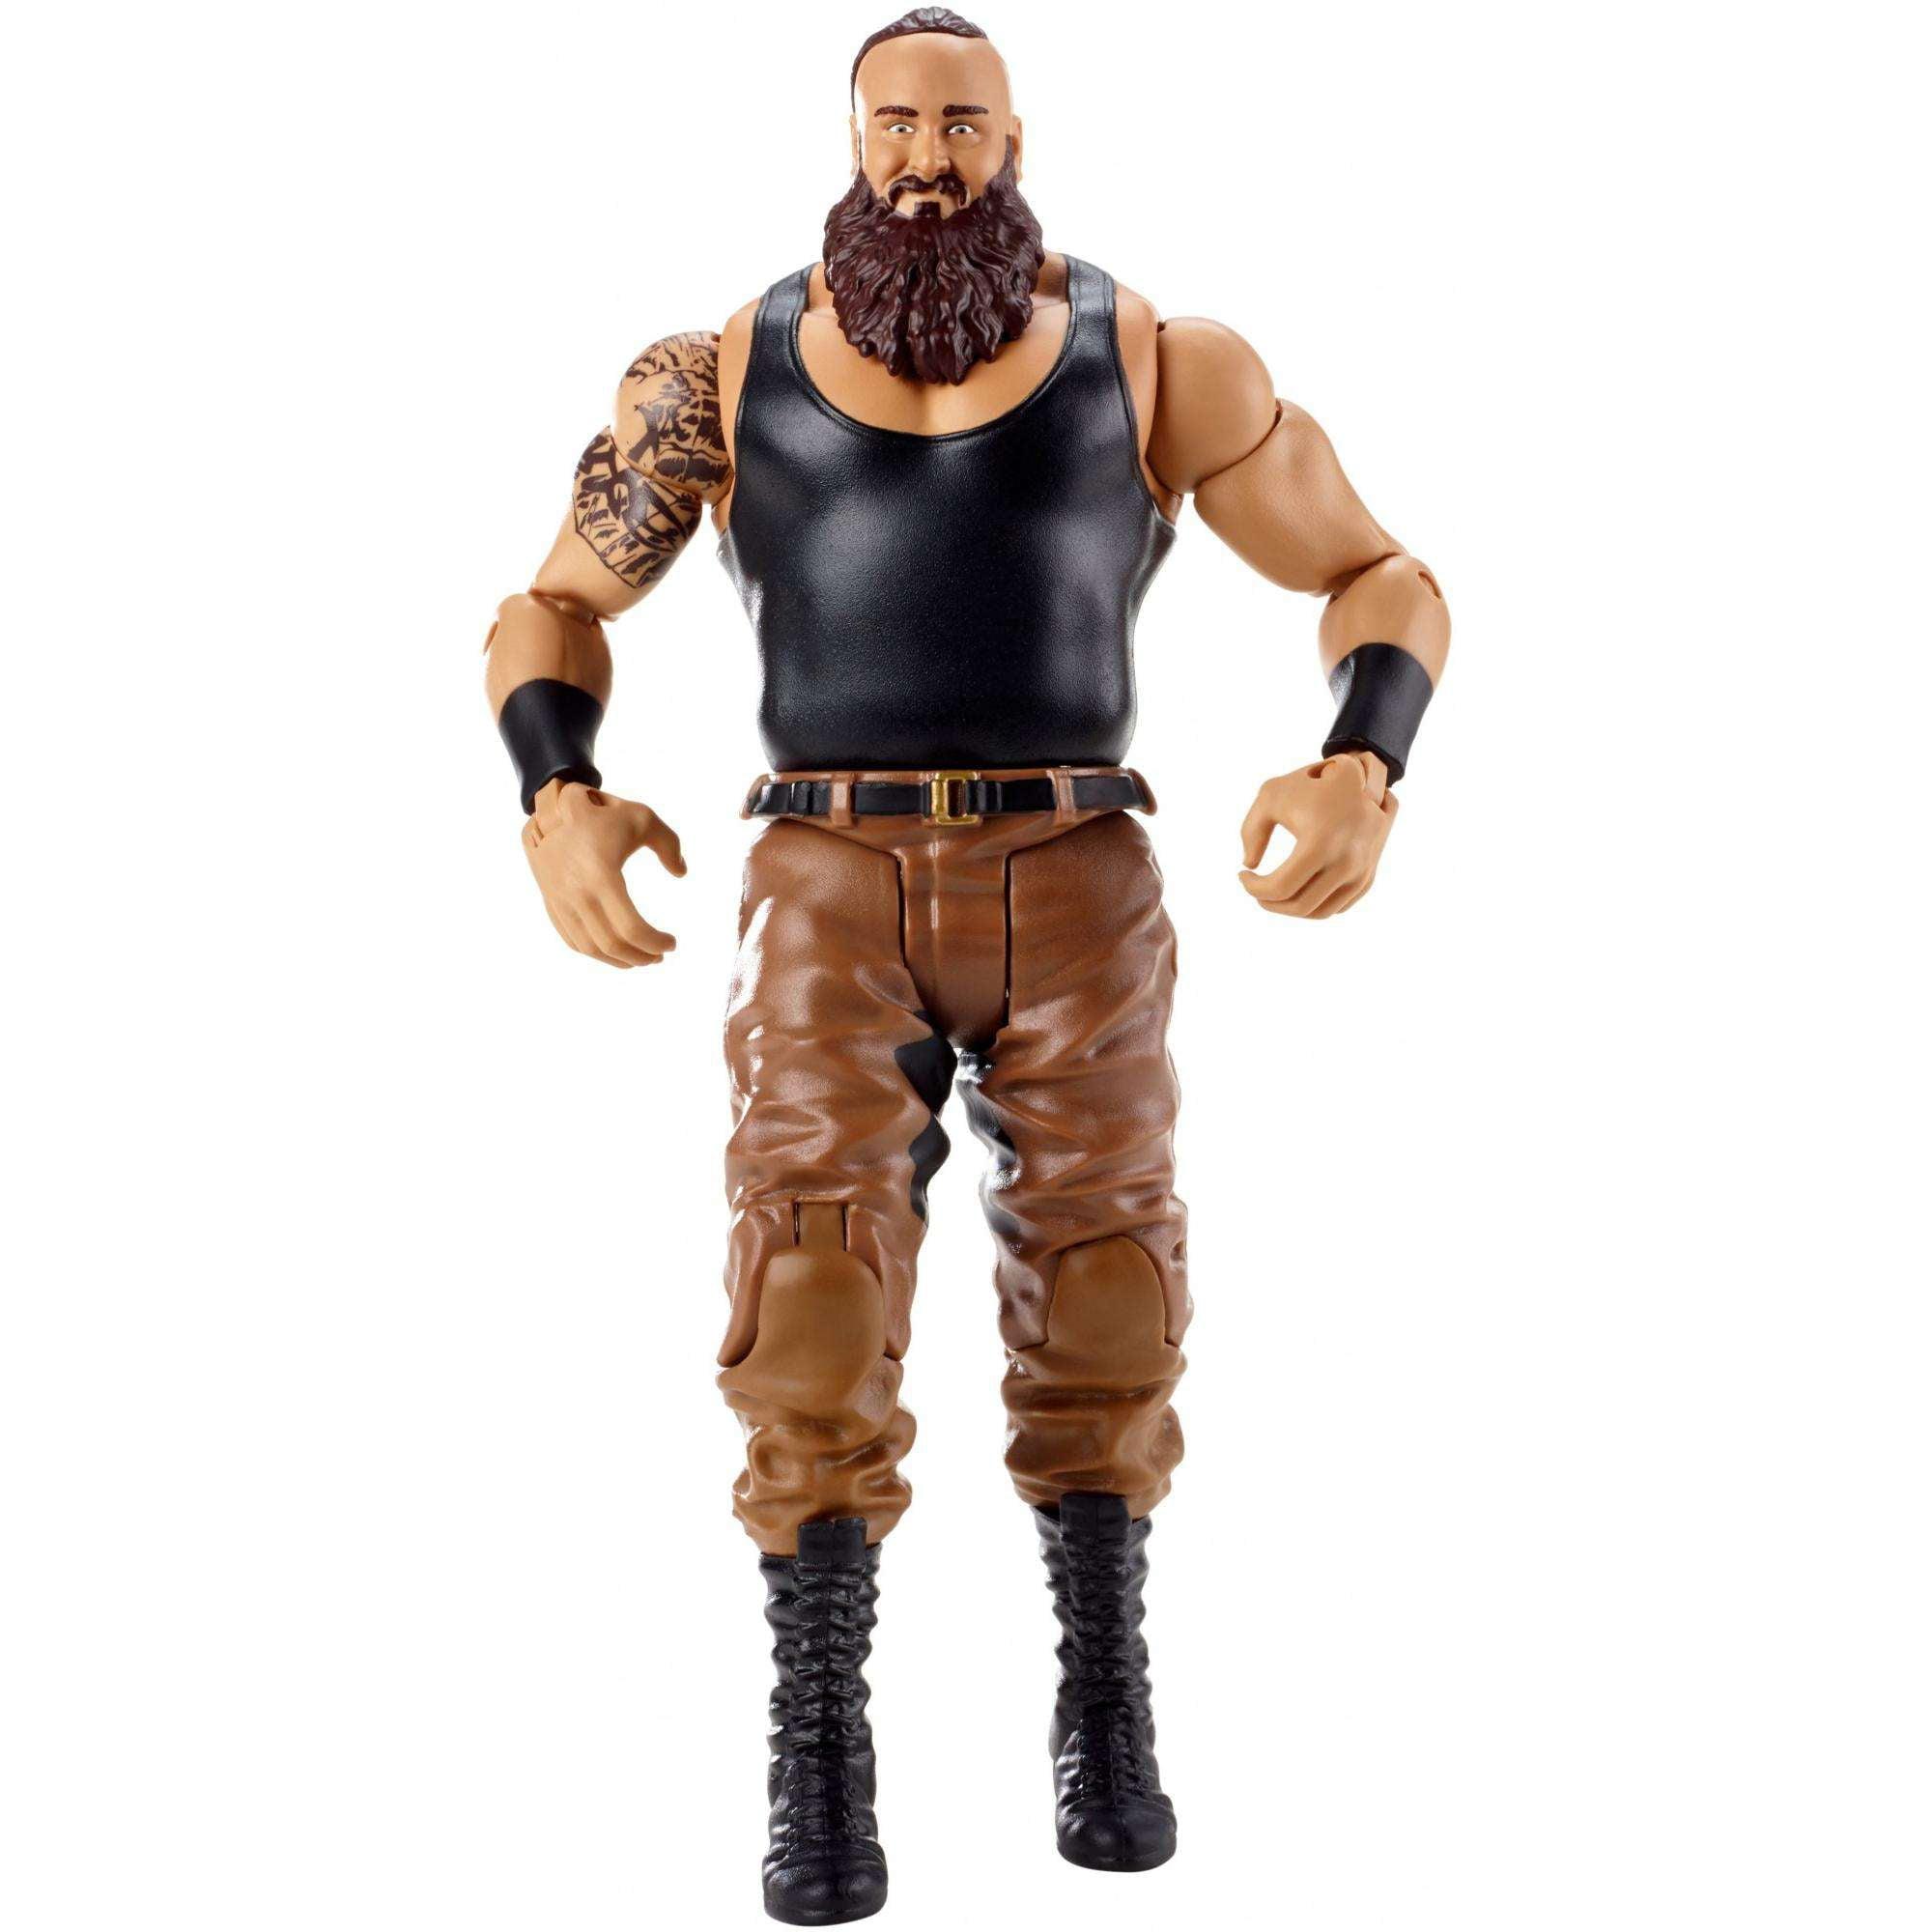 WWE Braun Strowman Figure by Mattel